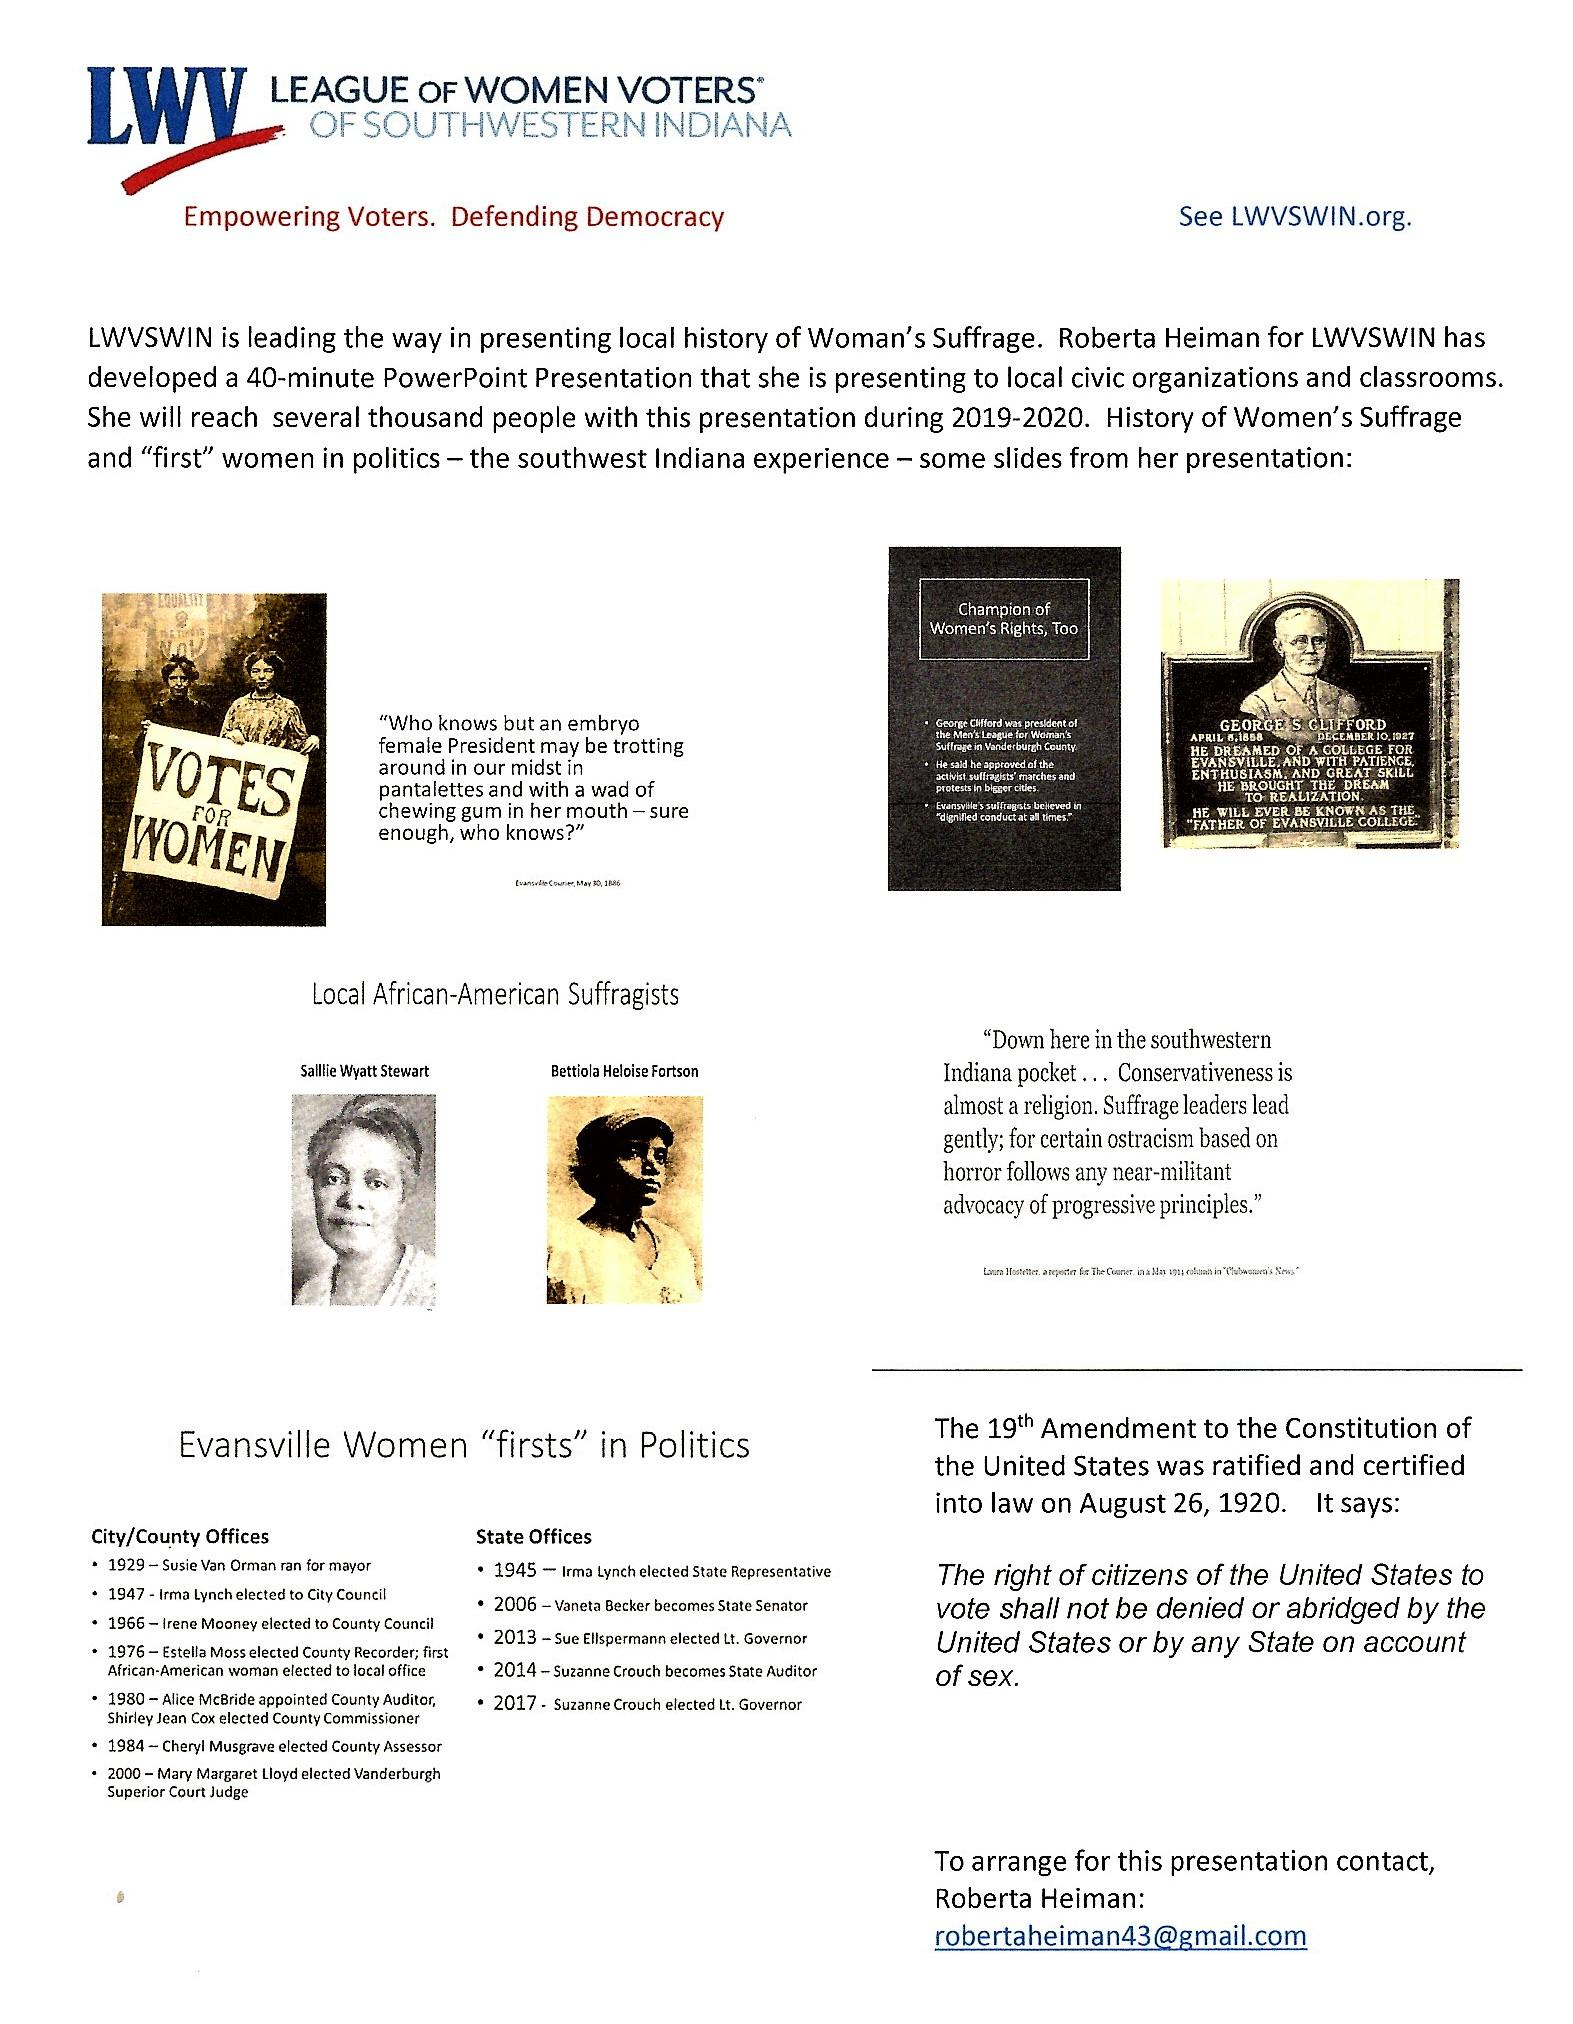 Roberta's Powerpoint